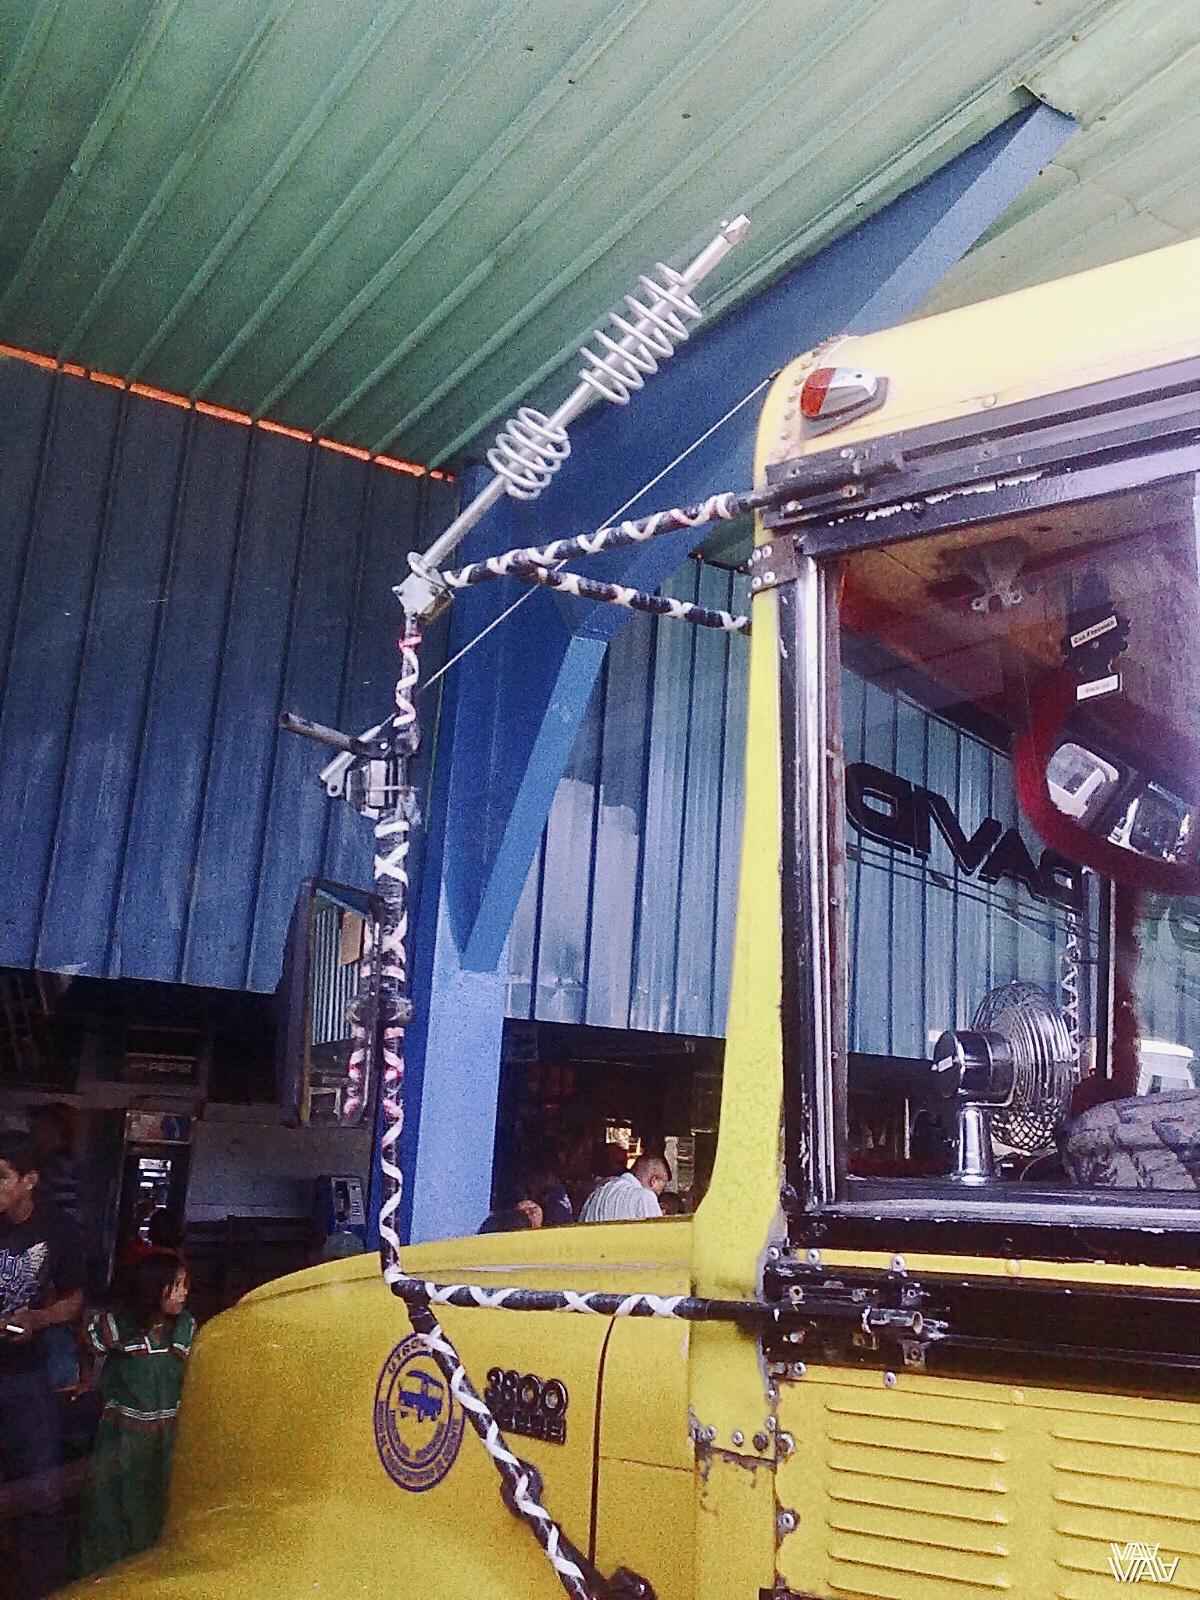 Такие автобусные антенны просто чудо творчества! Давид, Панама